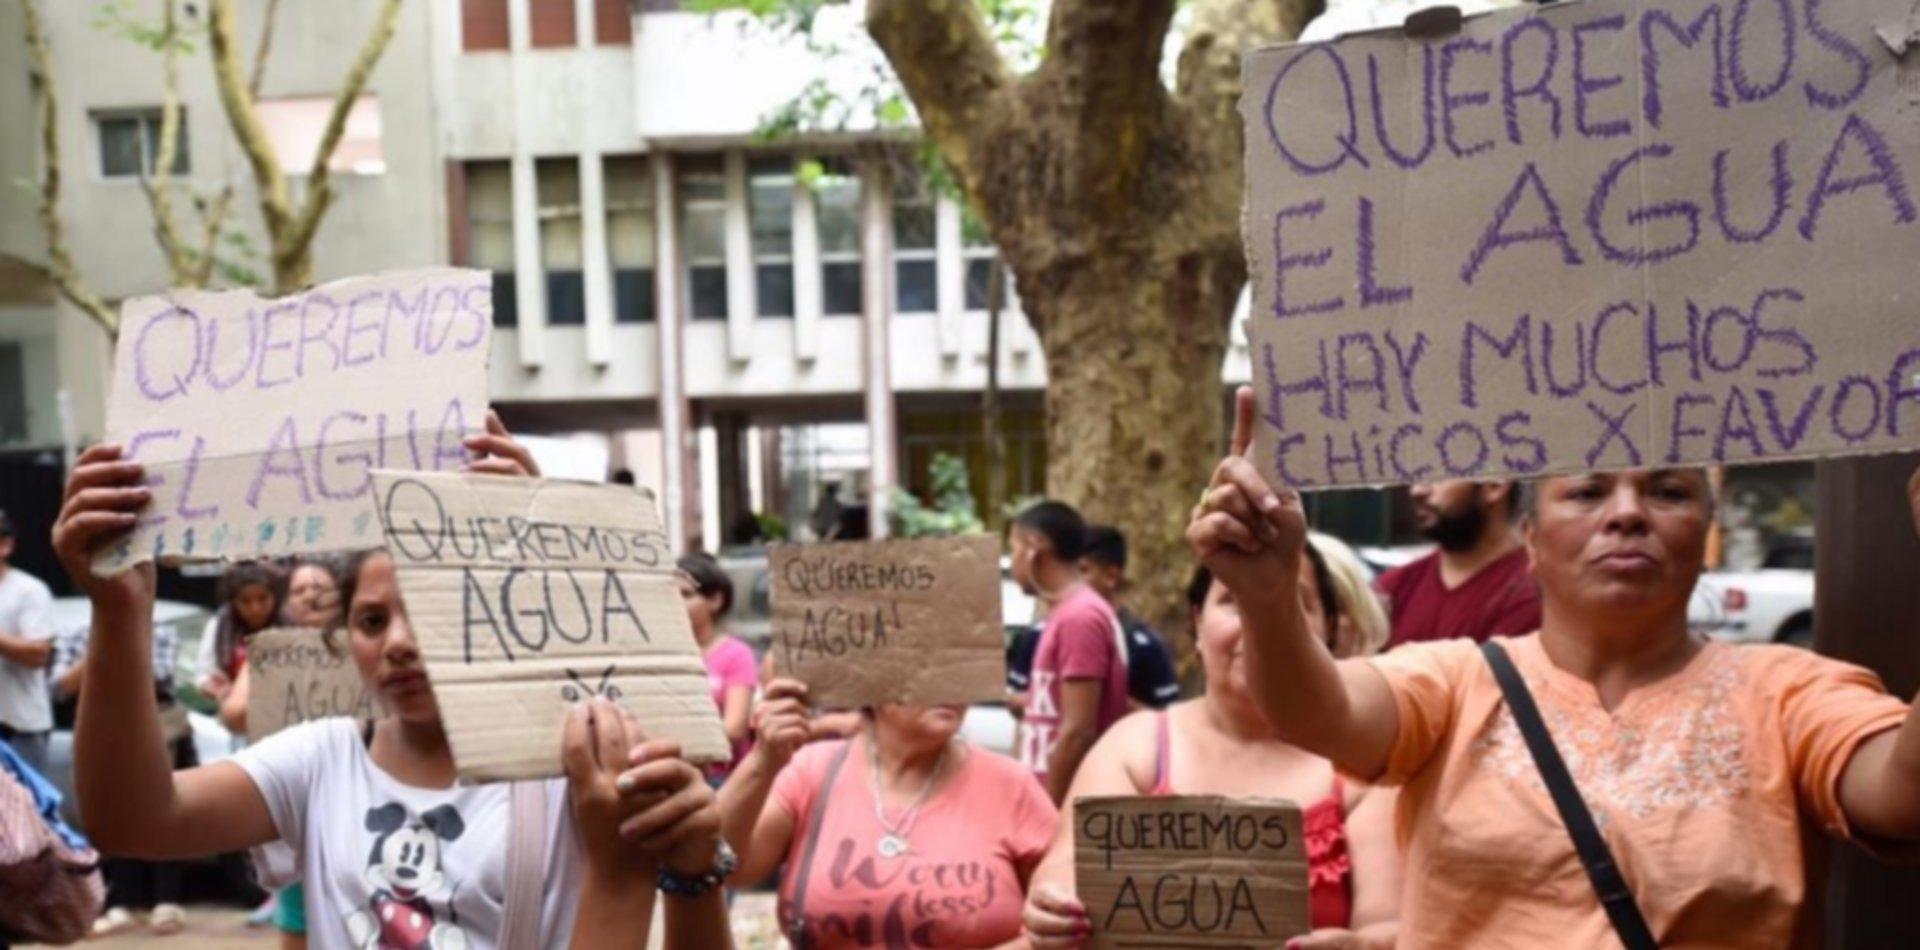 Preparan un reclamo colectivo contra ABSA con un mapa de los problemas en La Plata